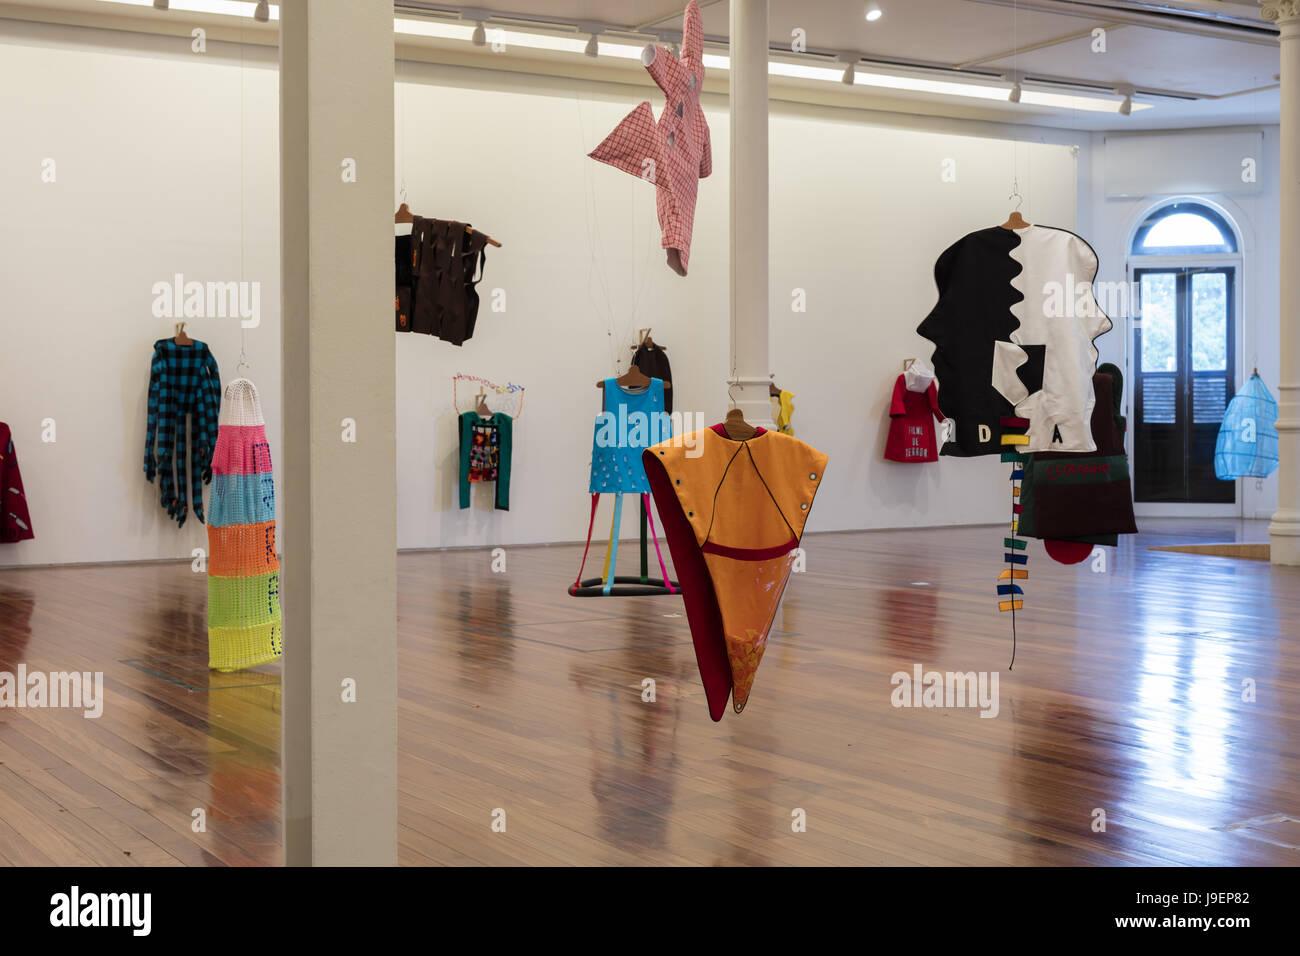 Galleria in Rio Art Museum (MAR; Museu de Arte do Rio) Immagini Stock